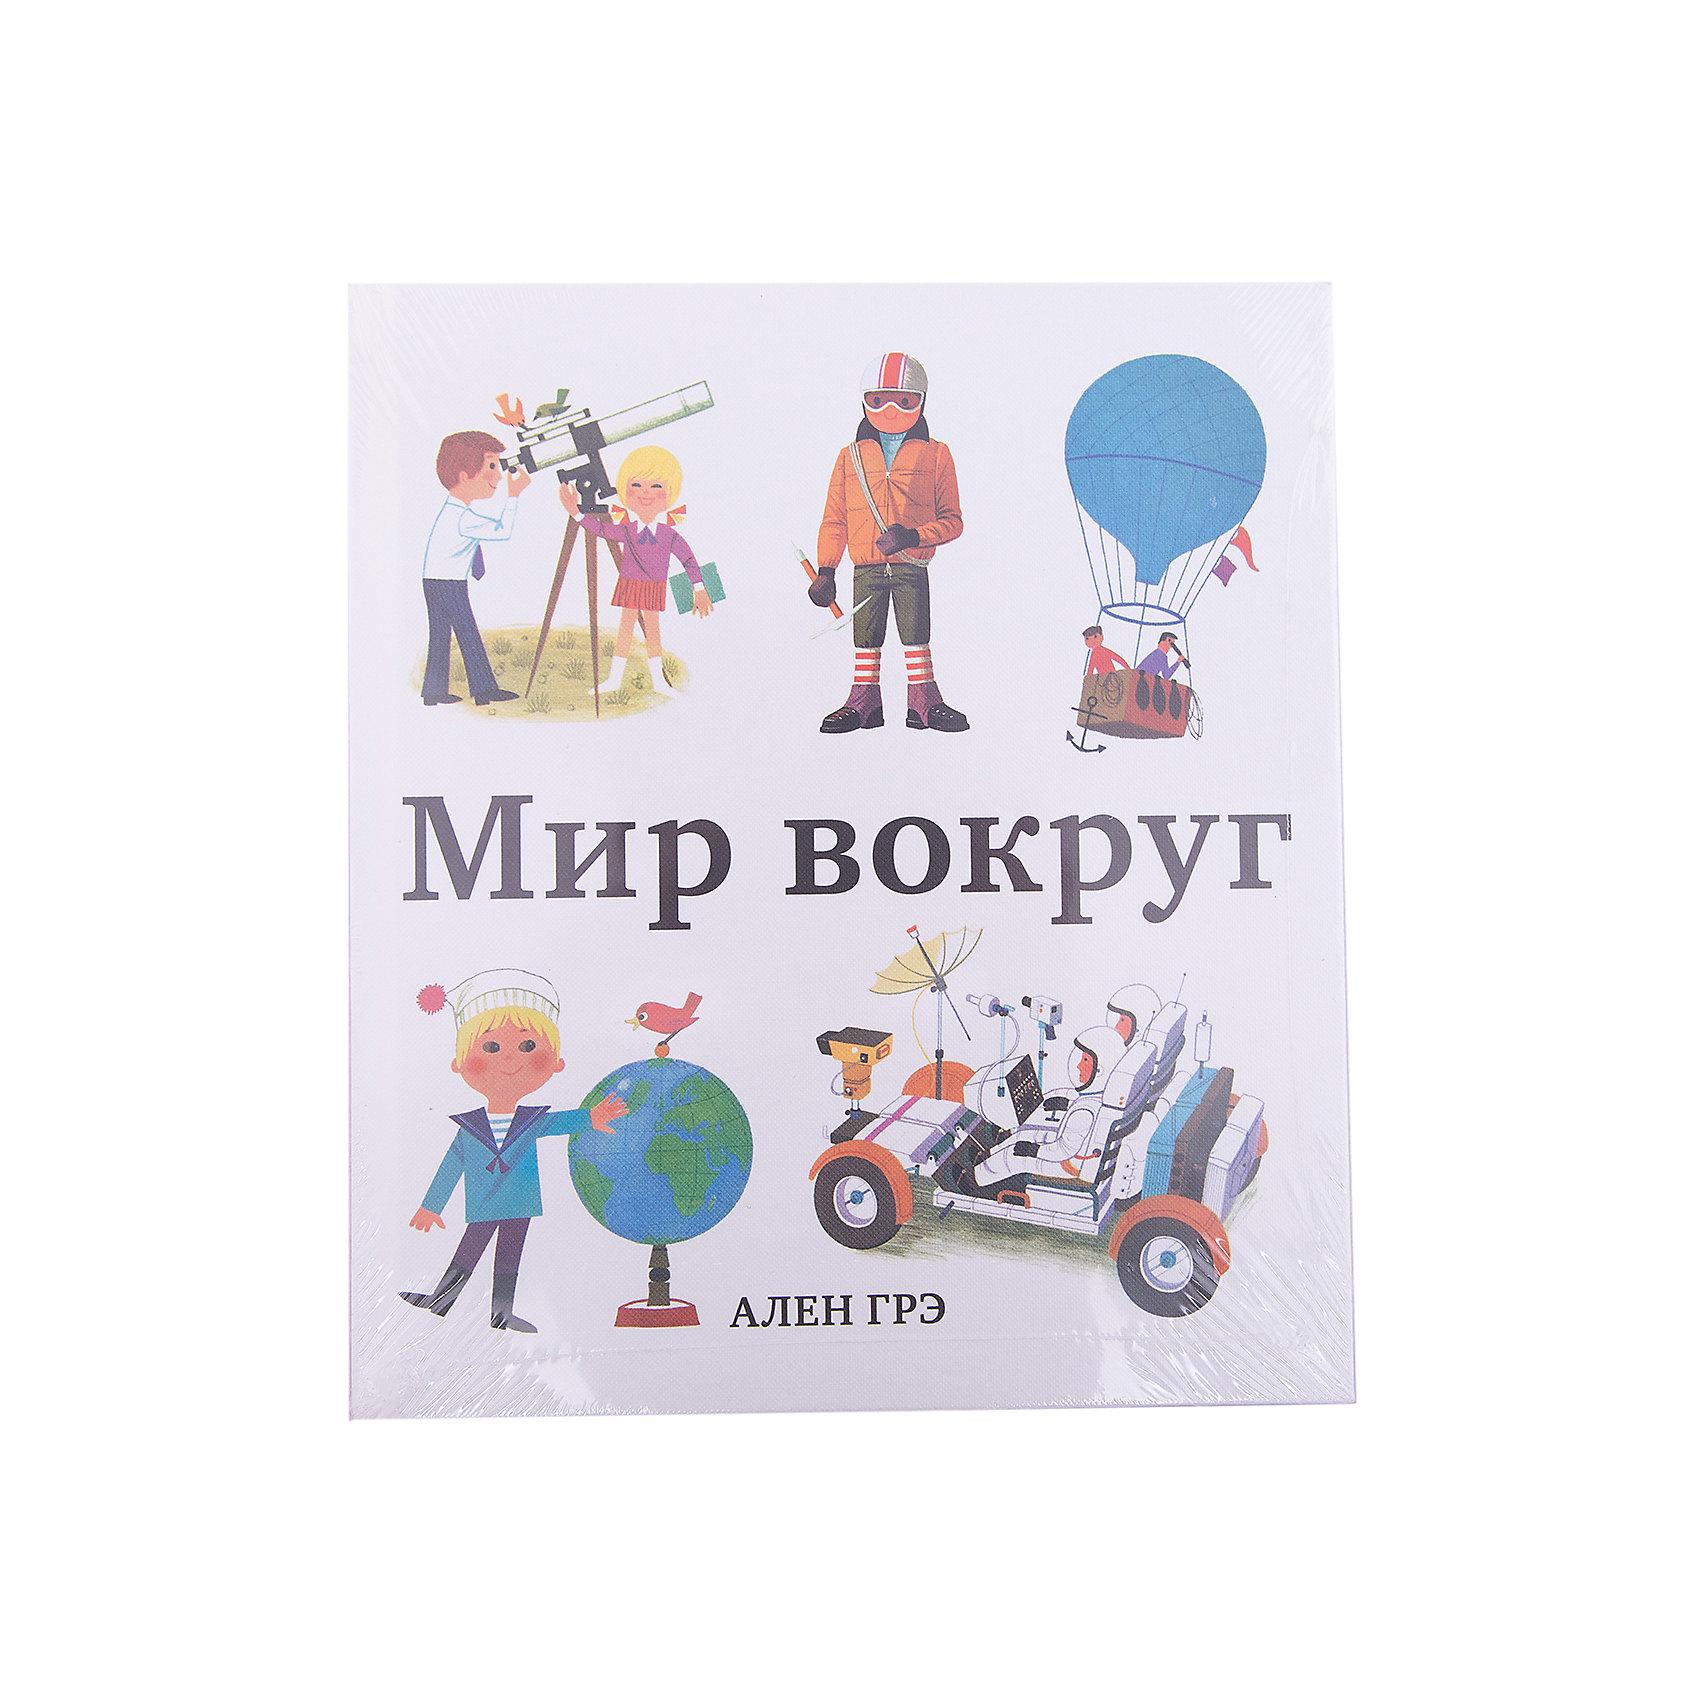 Мир вокругЭнциклопедии для малышей<br>Характеристики товара: <br><br>• ISBN: 9785000576380<br>• возраст от: 2 лет<br>• формат: 60x90/8<br>• бумага: офсетная<br>• обложка: твердая<br>• издательство: Манн, Иванов и Фербер<br>• иллюстрации: цветные<br>• автор: Ален Грэ <br>• художник: Ален Грэ <br>• переводчик: Пиминова Ю. Ю.<br>• количество страниц: 56<br>• размеры: 26x22 см<br><br>Издание «Мир вокруг» - это отличный способ открыть детям большой мир. Здесь собраны знания о городах и странах, домах и машинах, животных и растениях, играх и путешествиях.<br><br>Издание отличается доступным языком, яркими иллюстрациями и отличным качеством. Знакомство с окружающим миром с такой книгой - одно удовольствие.<br><br>Книгу «Мир вокруг» можно купить в нашем интернет-магазине.<br><br>Ширина мм: 264<br>Глубина мм: 222<br>Высота мм: 100<br>Вес г: 476<br>Возраст от месяцев: 36<br>Возраст до месяцев: 2147483647<br>Пол: Унисекс<br>Возраст: Детский<br>SKU: 5535245